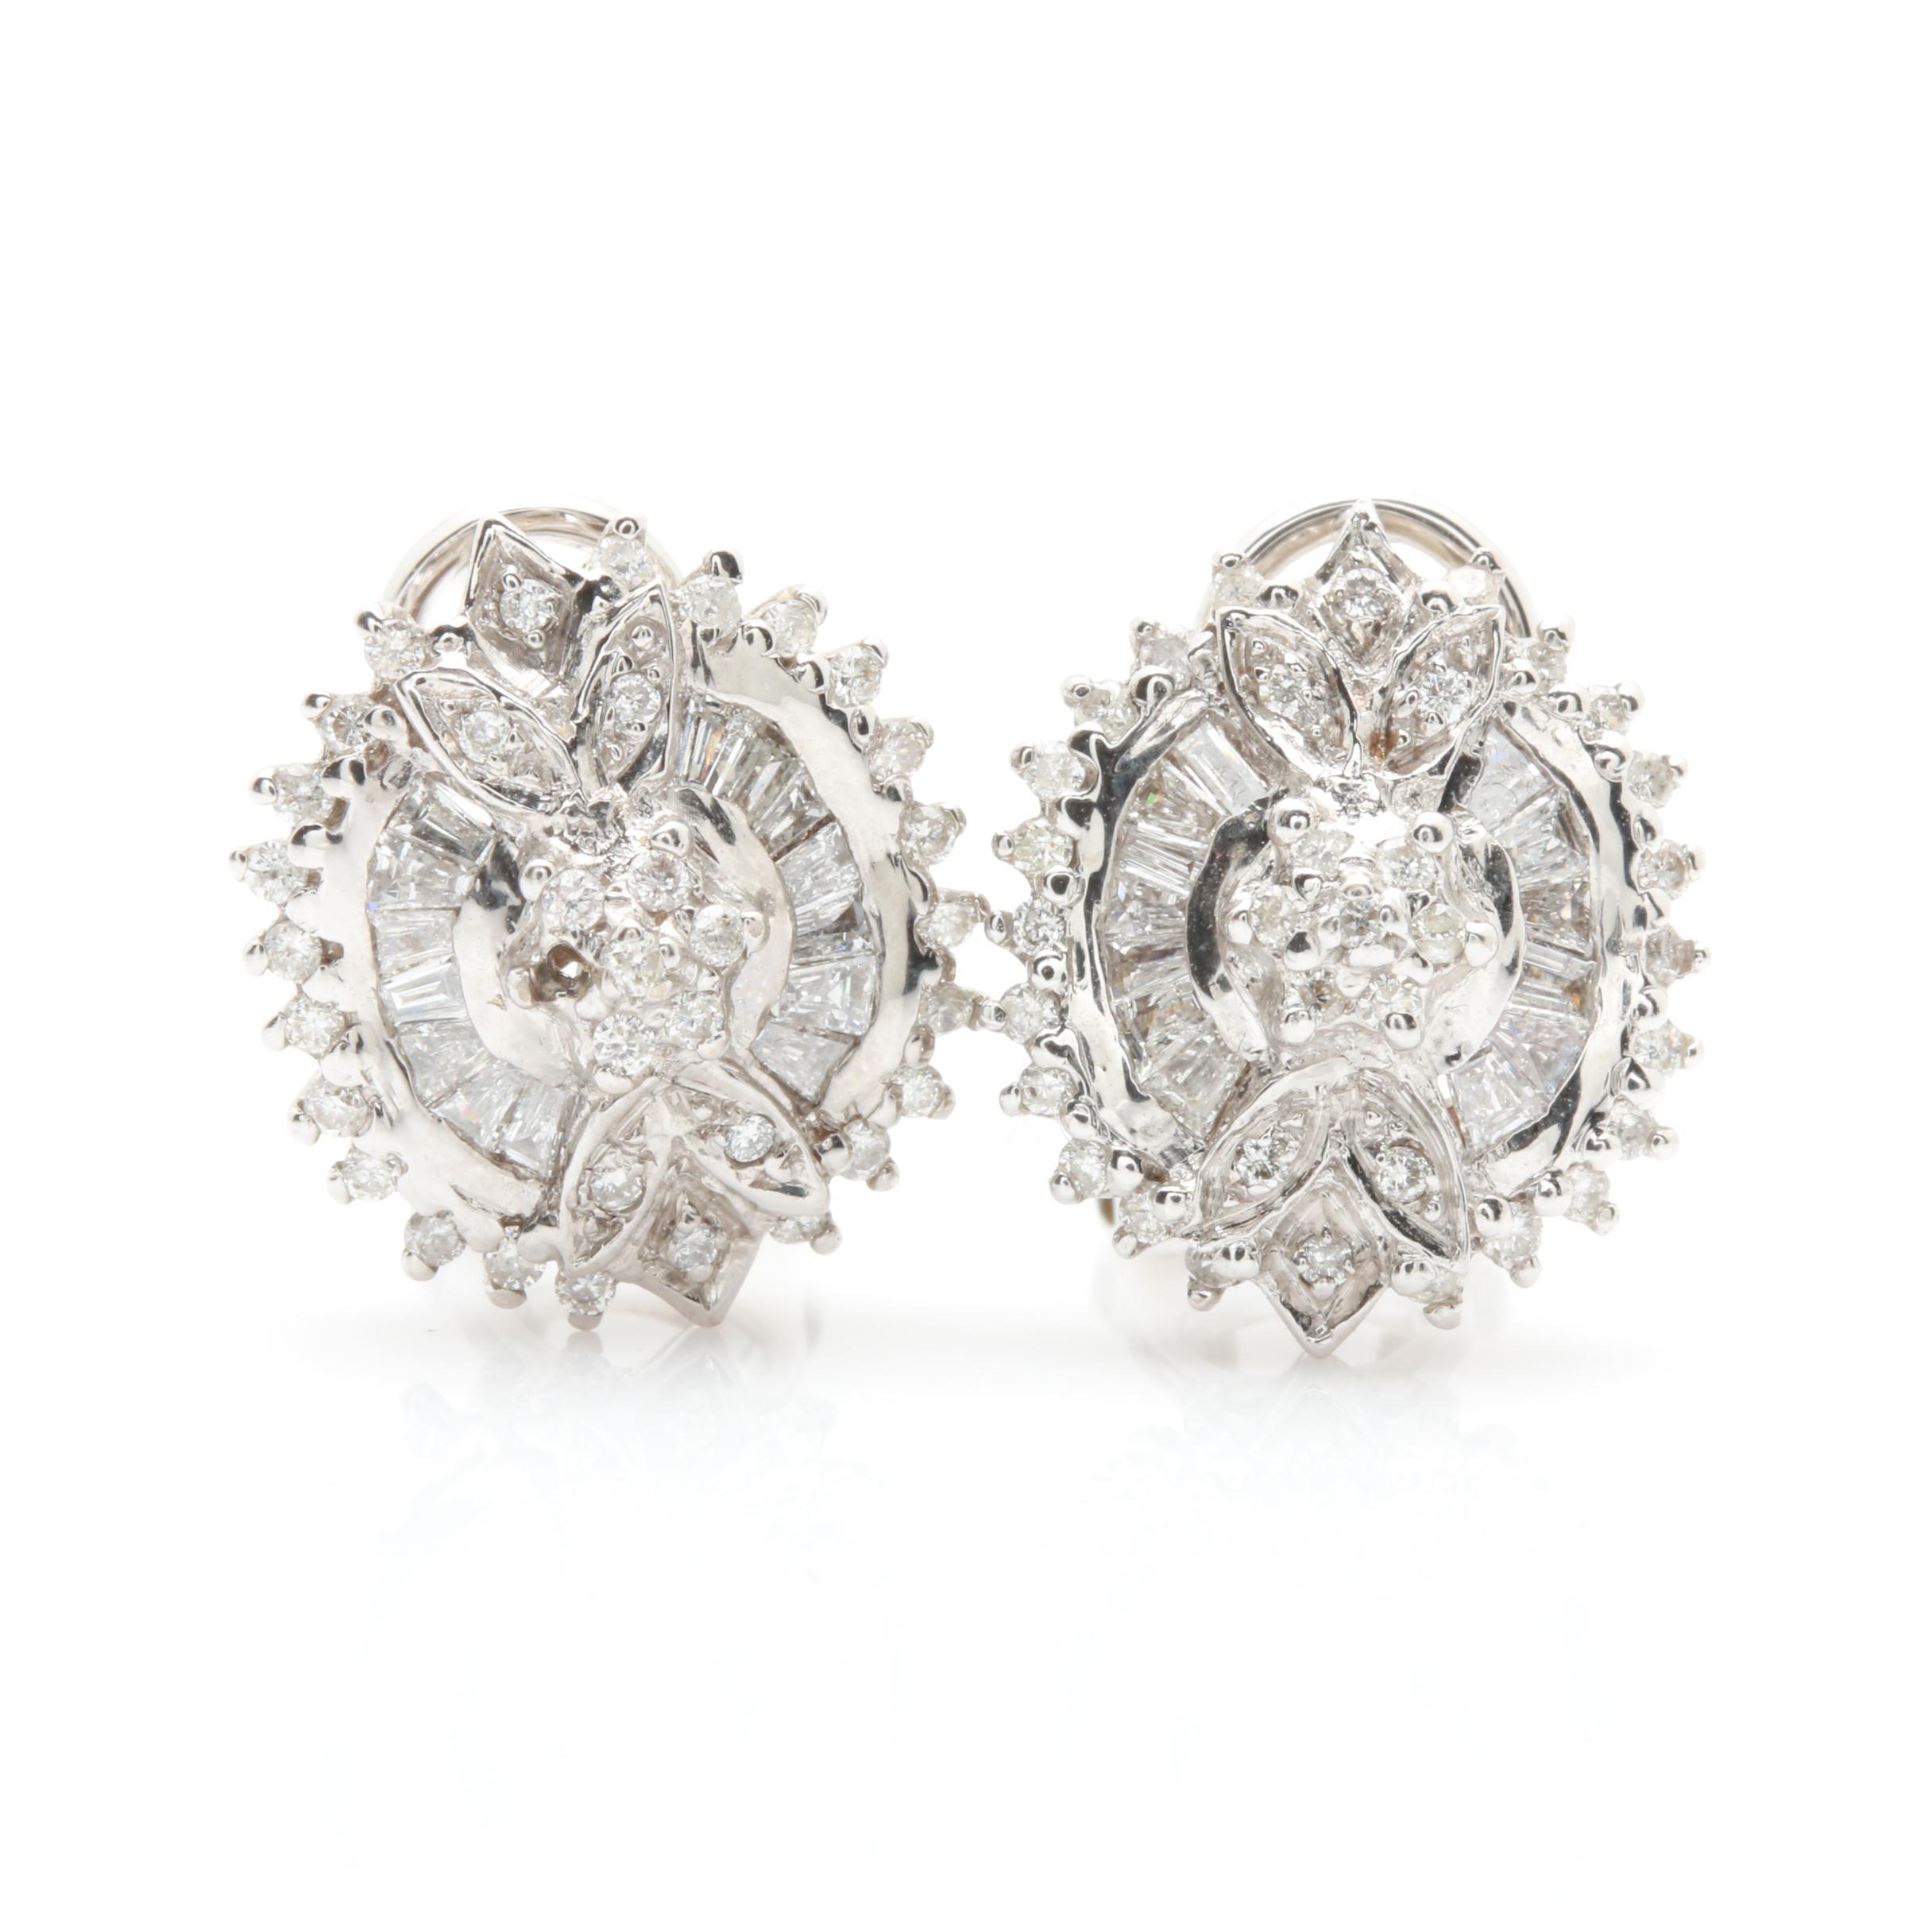 14K White Gold 1.01 CTW Diamond Earrings